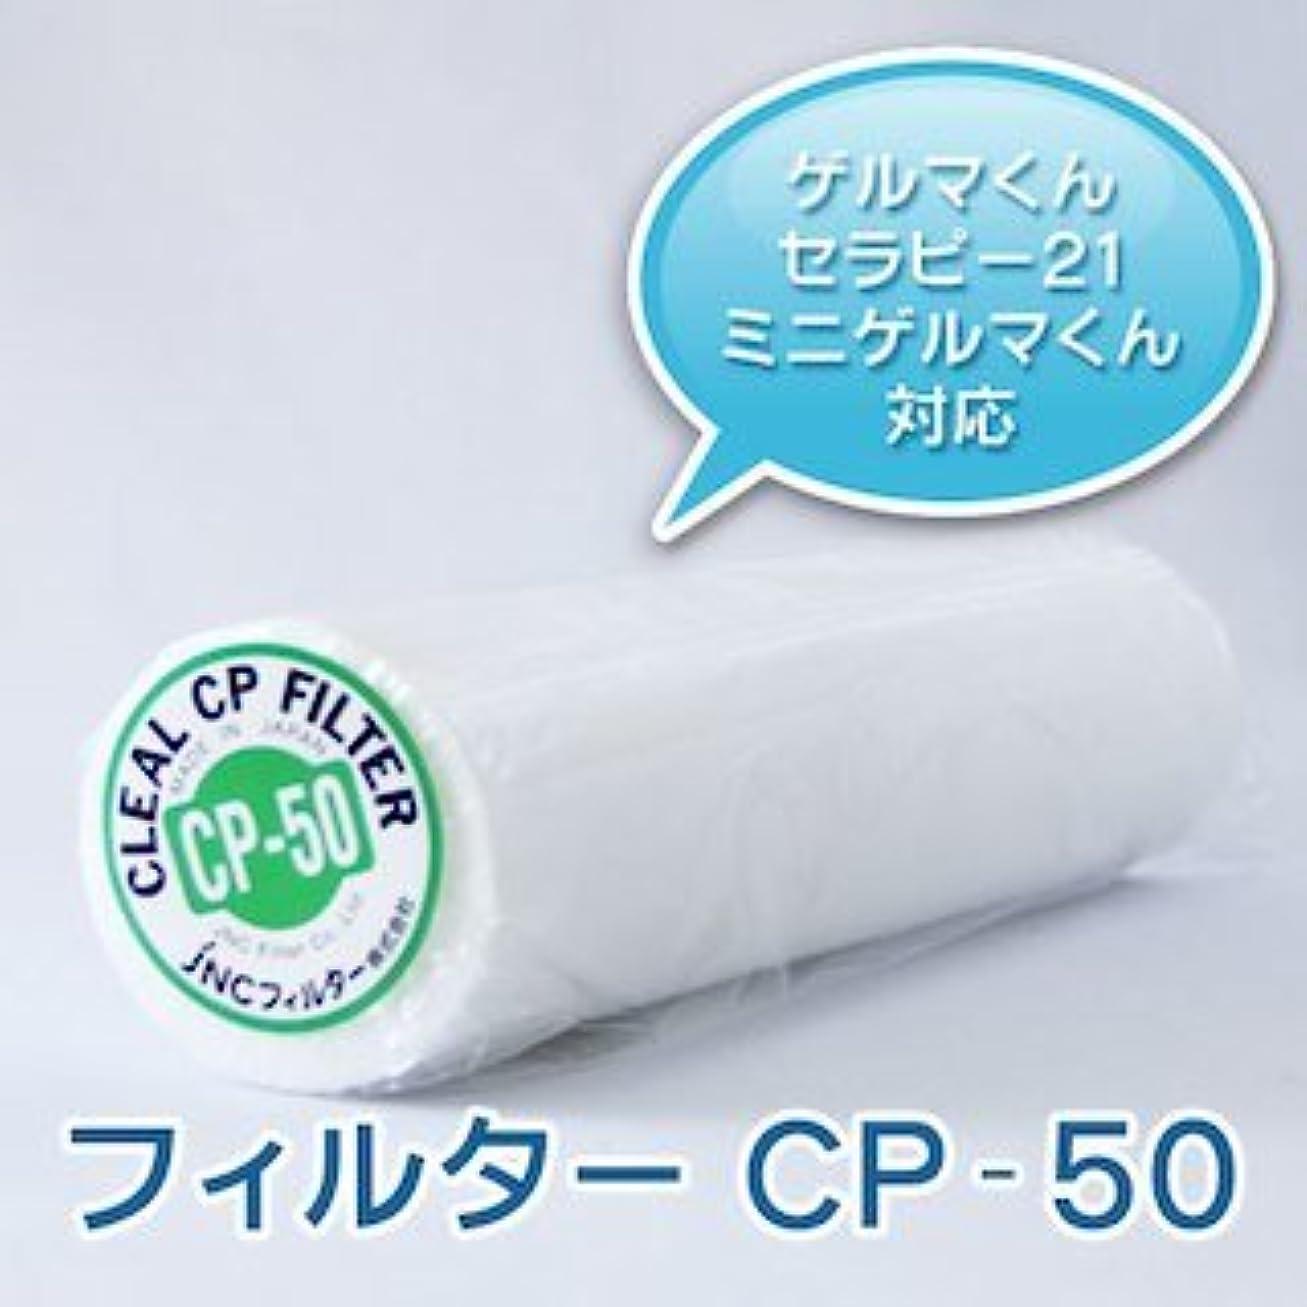 ビールスクラップ弾薬【ゲルマ フィルター CP-50】 1本  ゲルマニウム 温浴器 ゲルマくん/セラピー21 対応